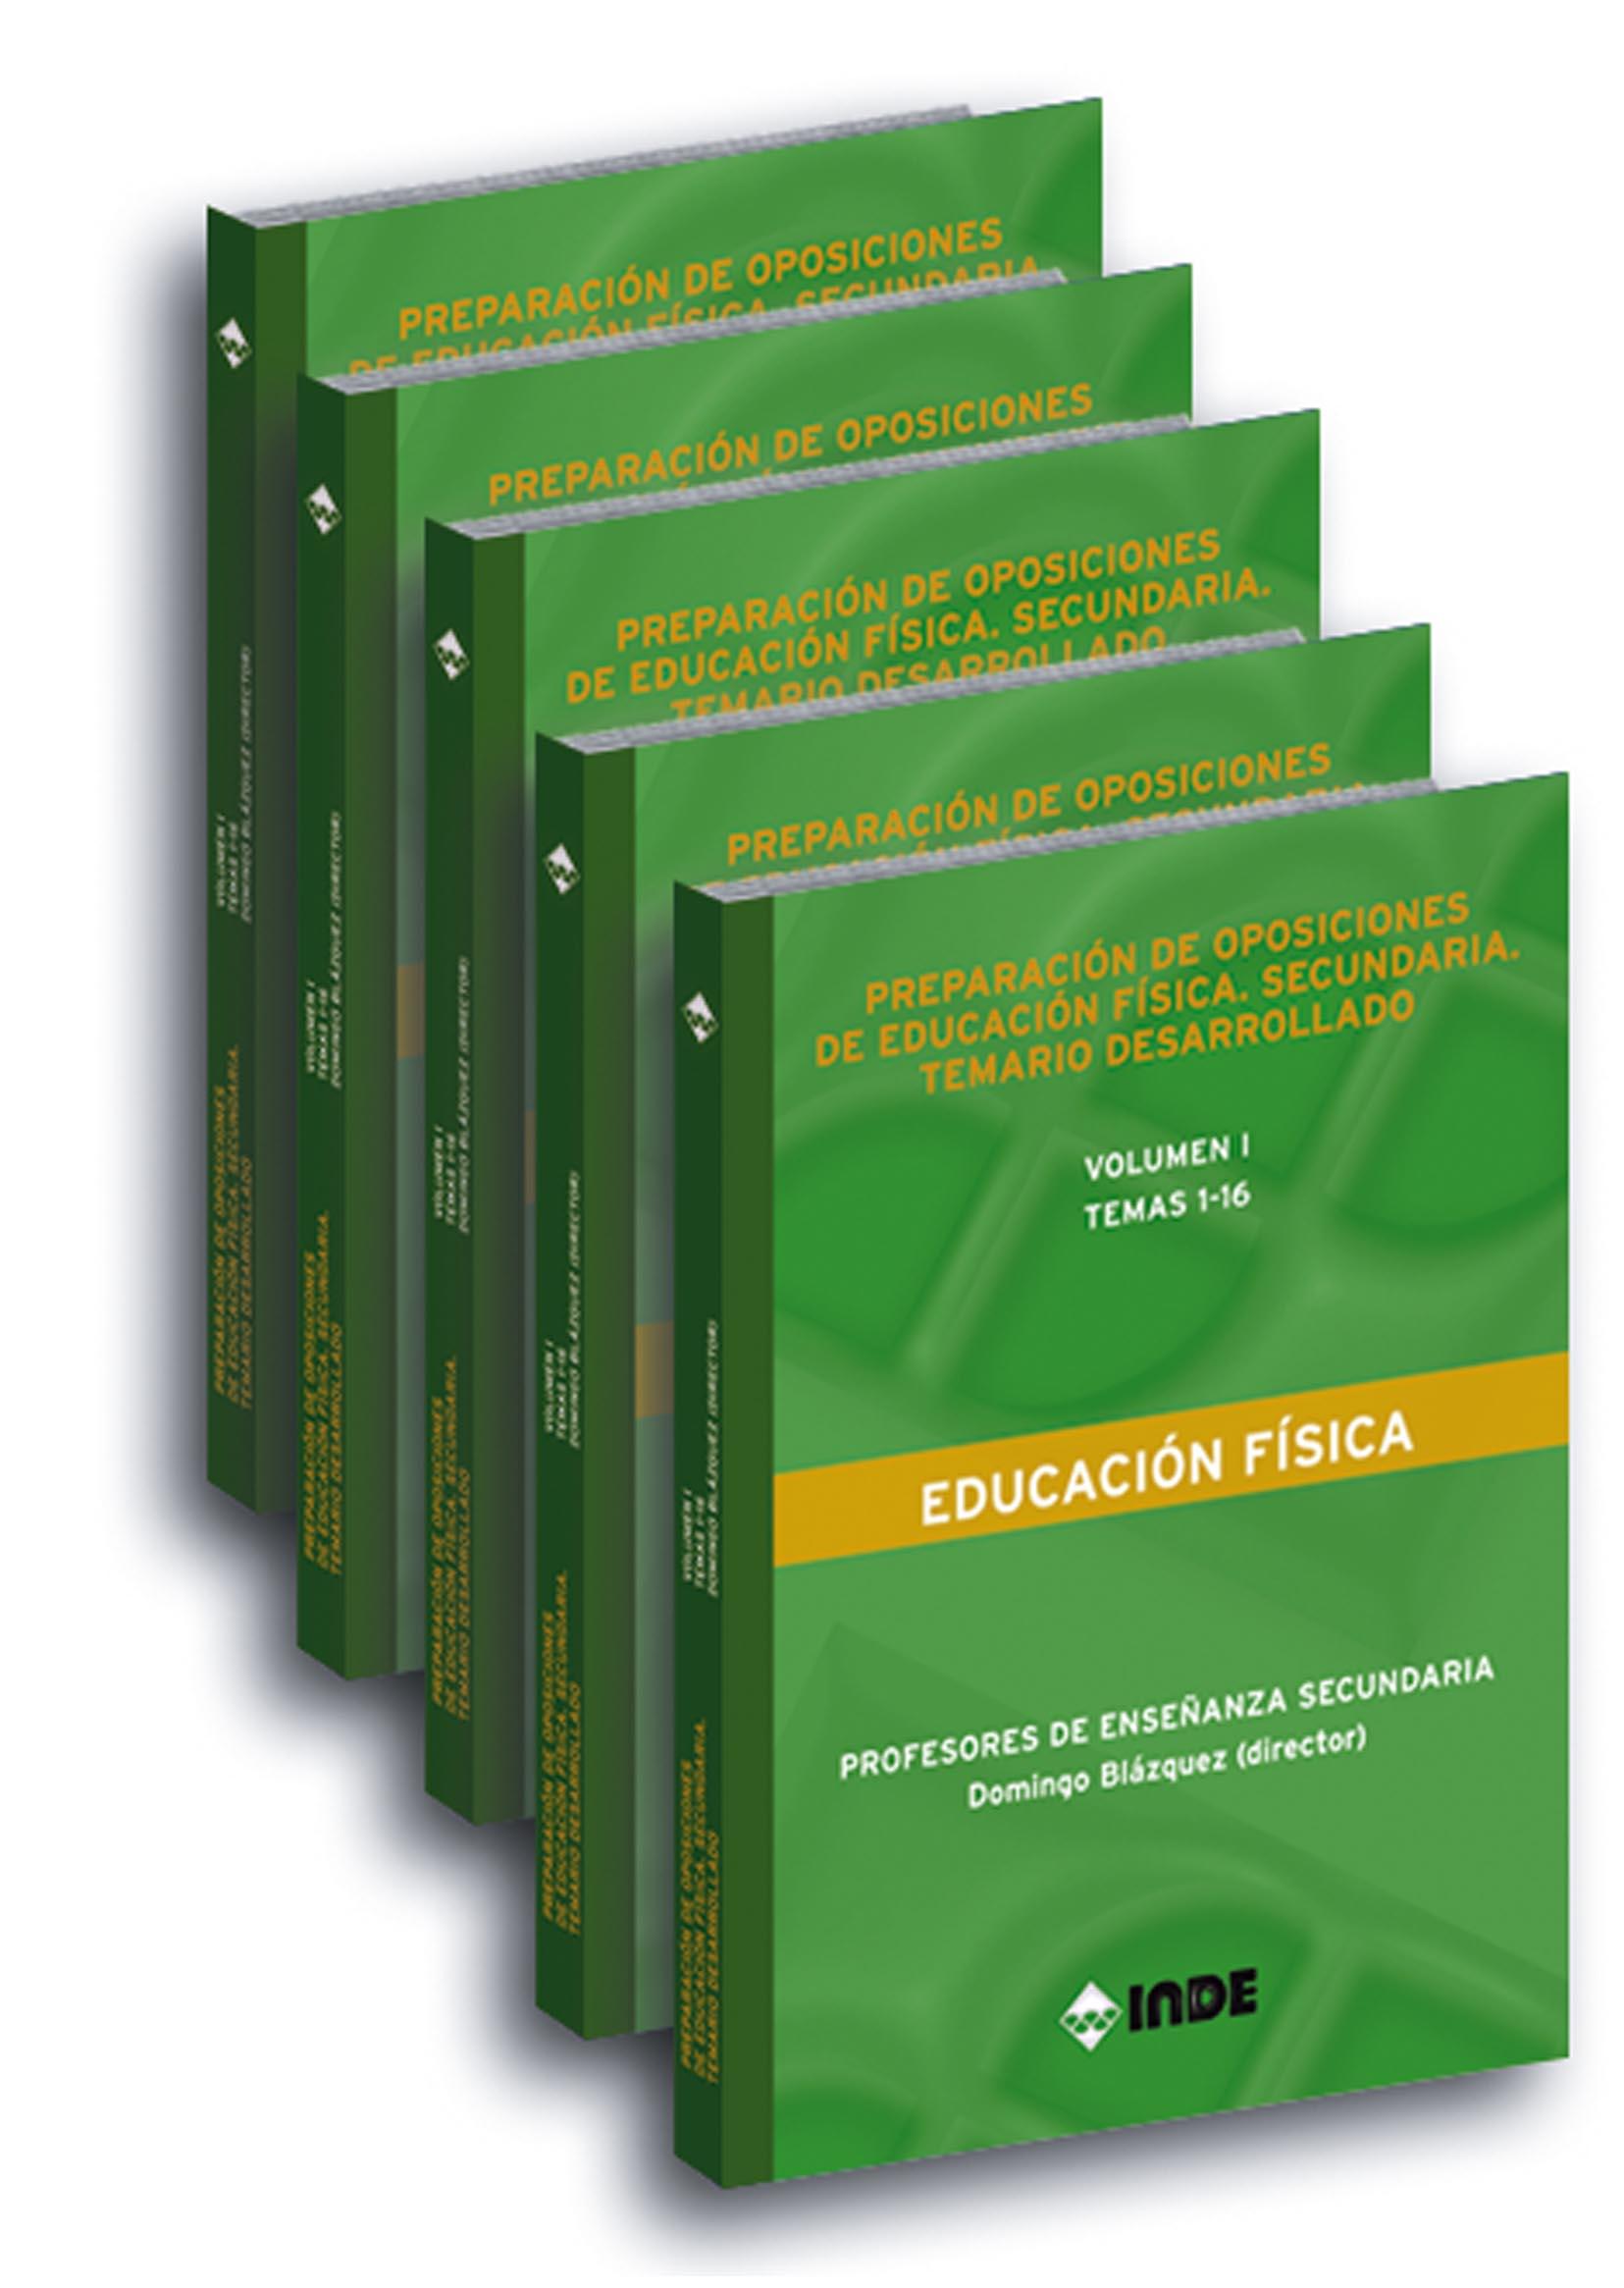 EDITORIAL INDE - Preparación de oposiciones de Educación Física ...